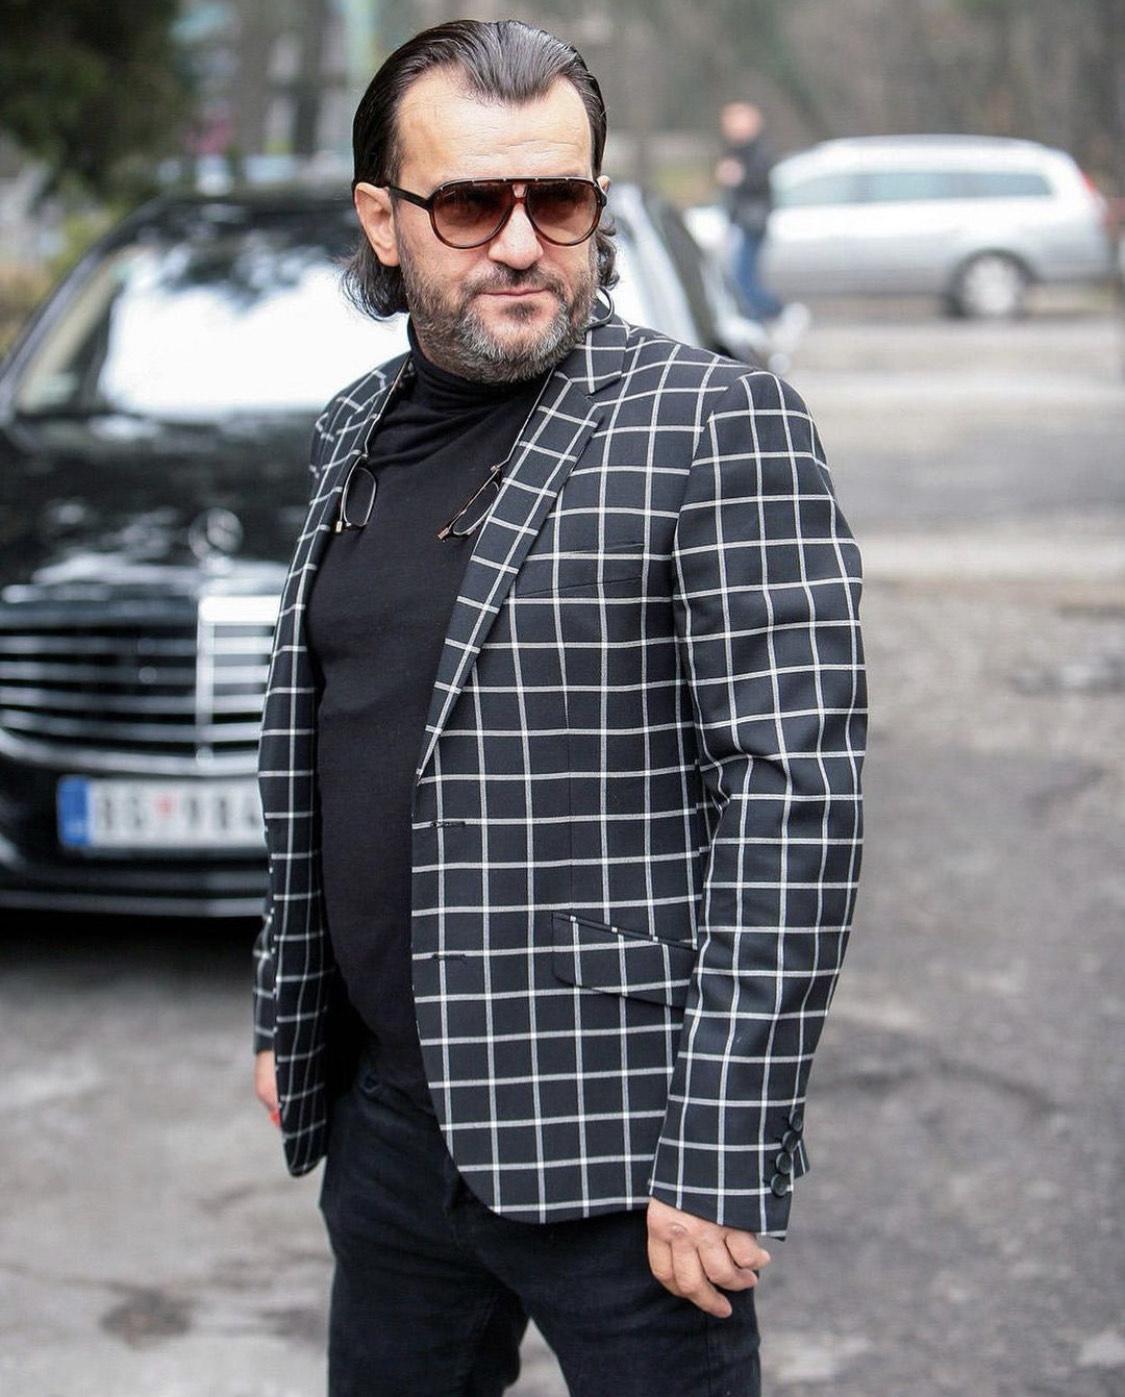 VEĆ OSVOJIO SRCA PUBLIKE Novi album Ace Lukasa obara sve rekorde slušanosti u Srbiji i regionu!